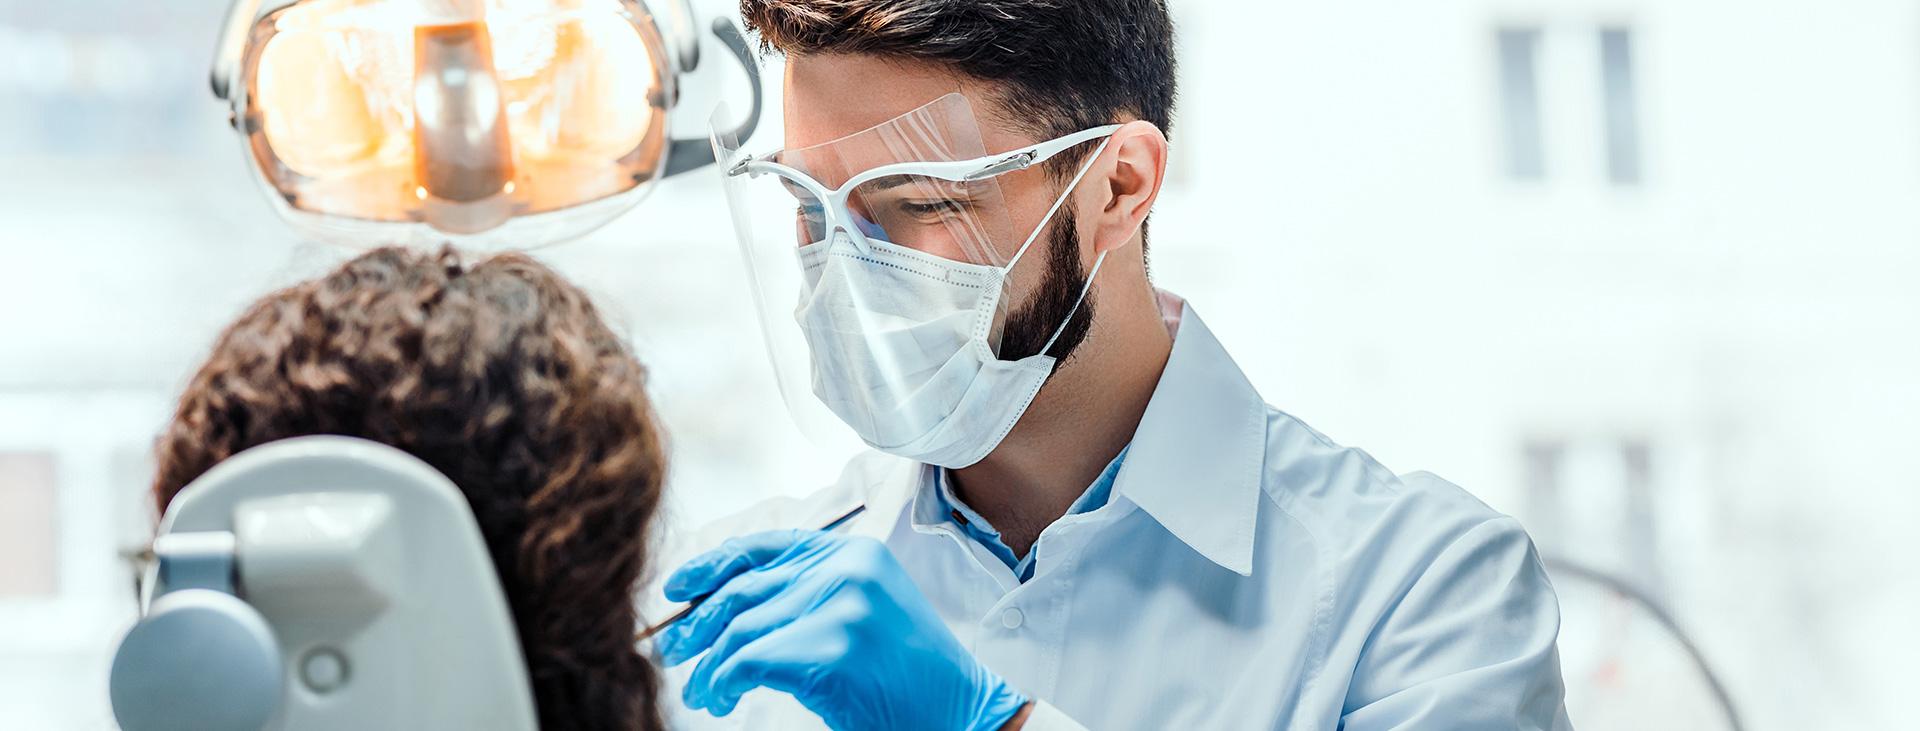 Colorado Dental Association Benefits